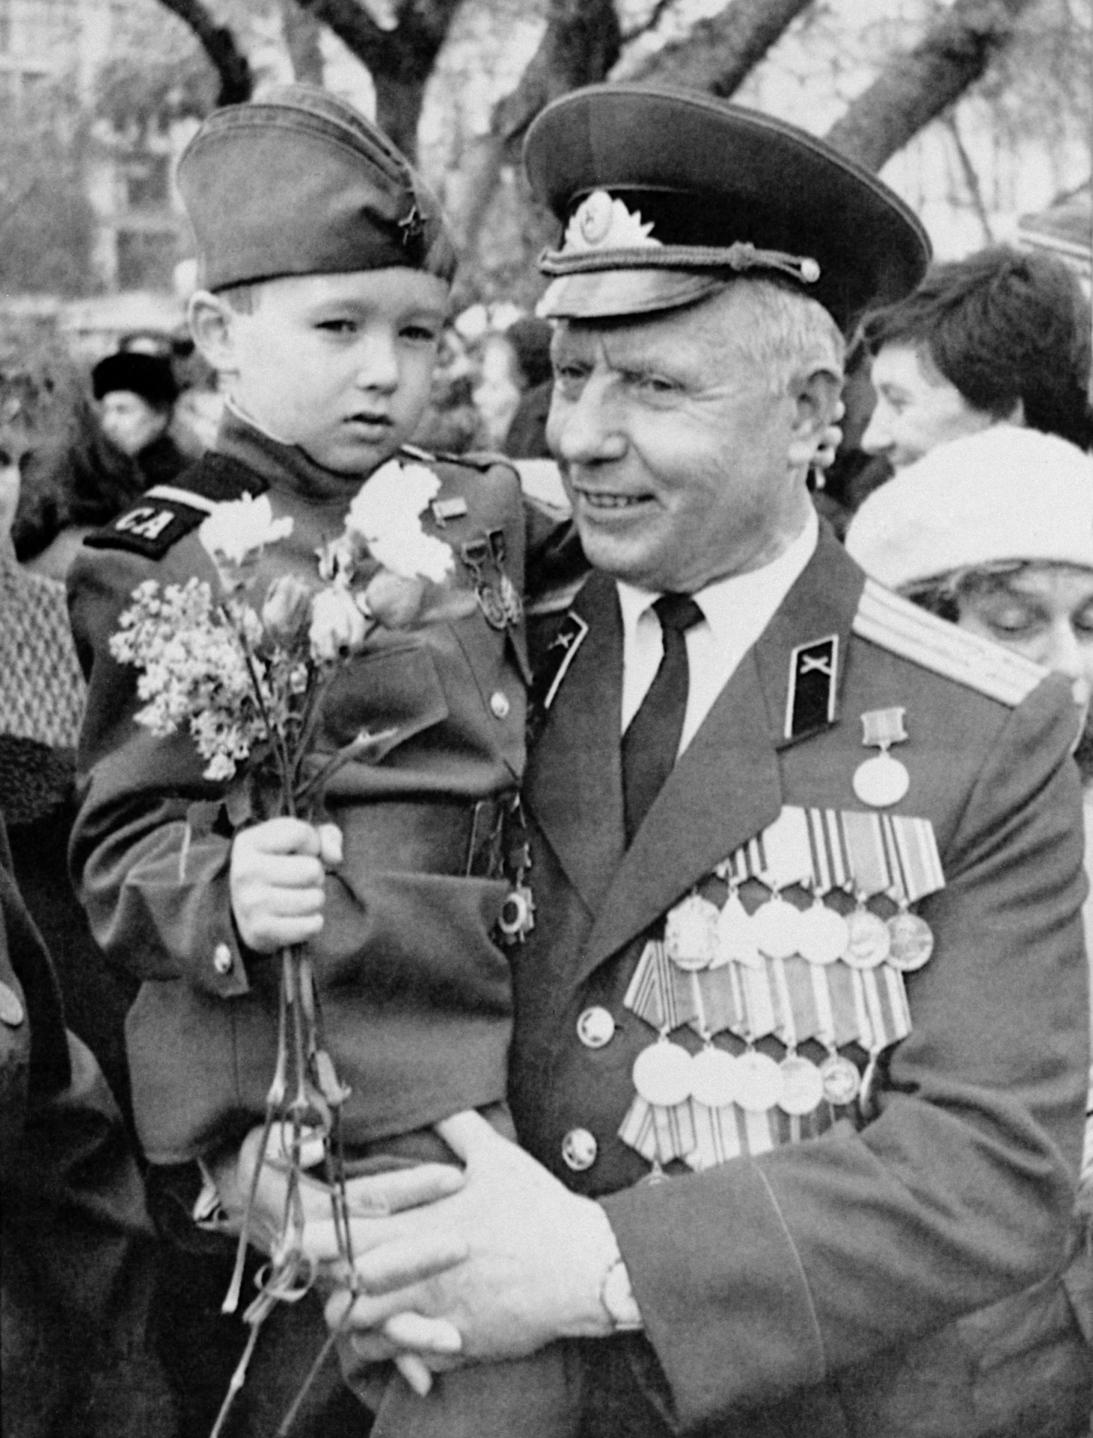 V. V. Markin ezredes, második világháborús veterán unokájával, Oleggel a győzelem-napi ünnepségen a Nagyszínház előtti téren Moszkvában, 1988. május 9-én (MTI/PI-TASZSZ)